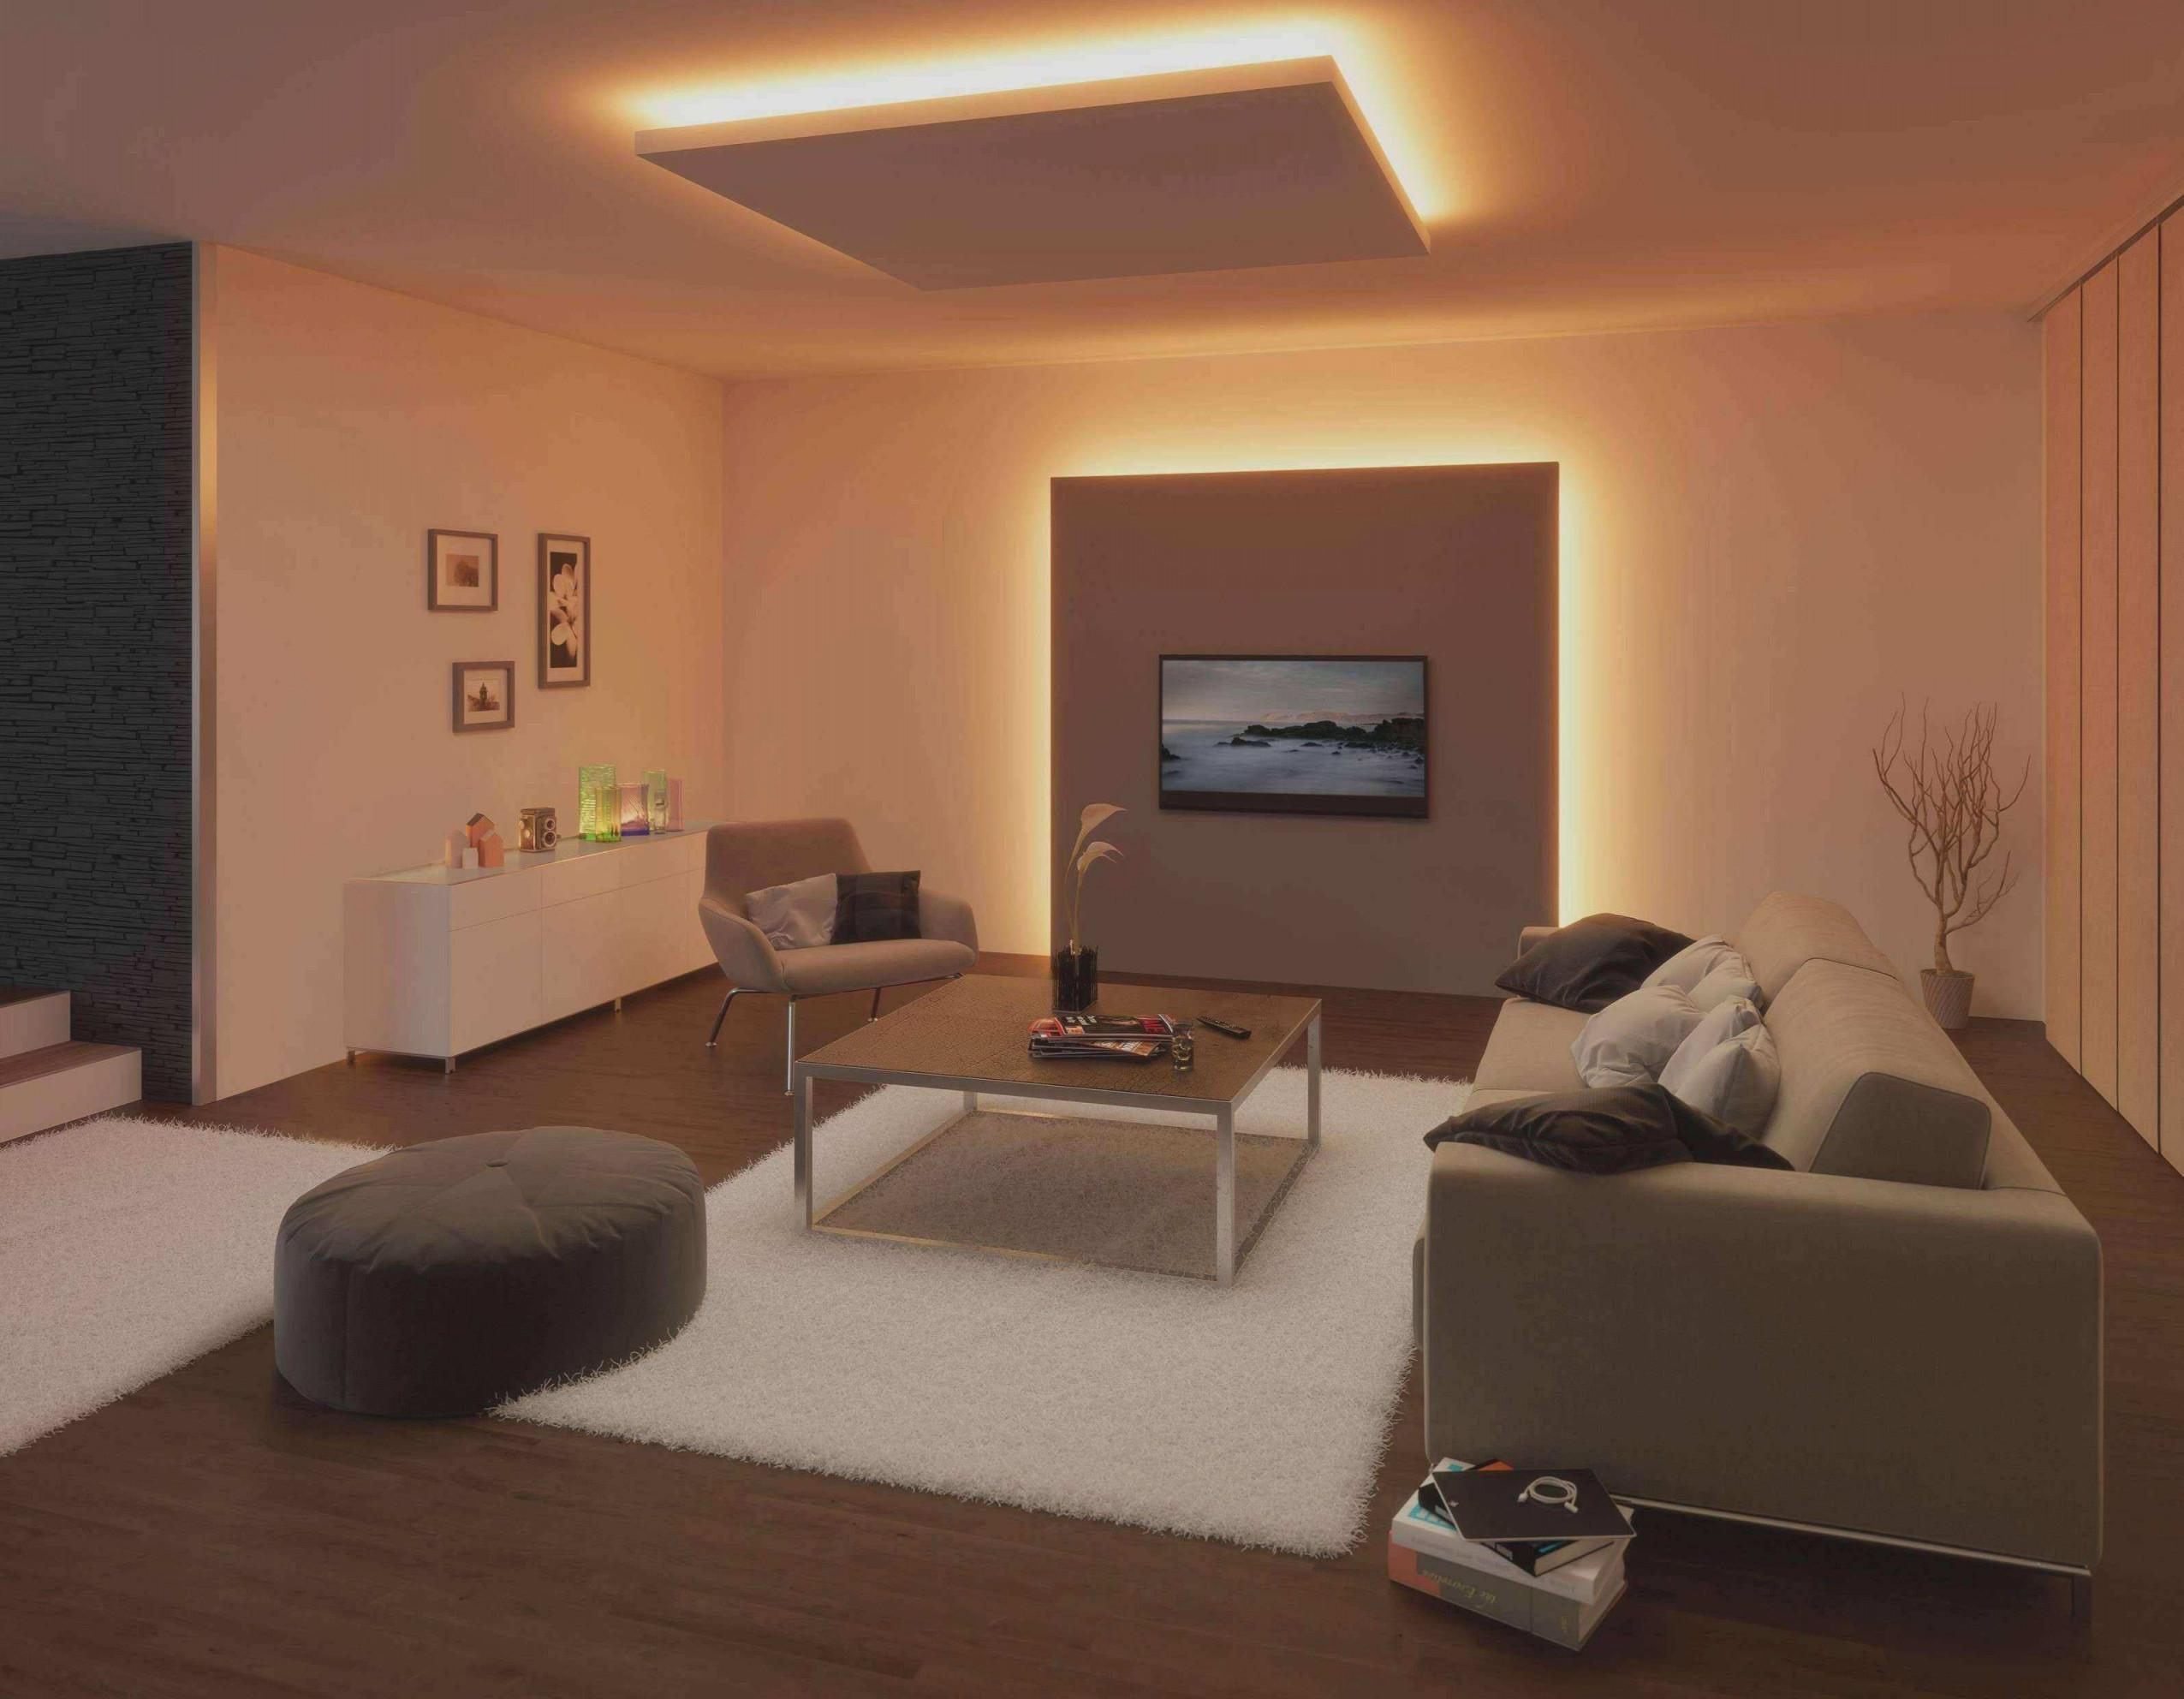 Deckenleuchte Aus Holz Das Beste Von Wohnzimmer Retro Genial von Wohnzimmer Deckenlampe Holz Bild